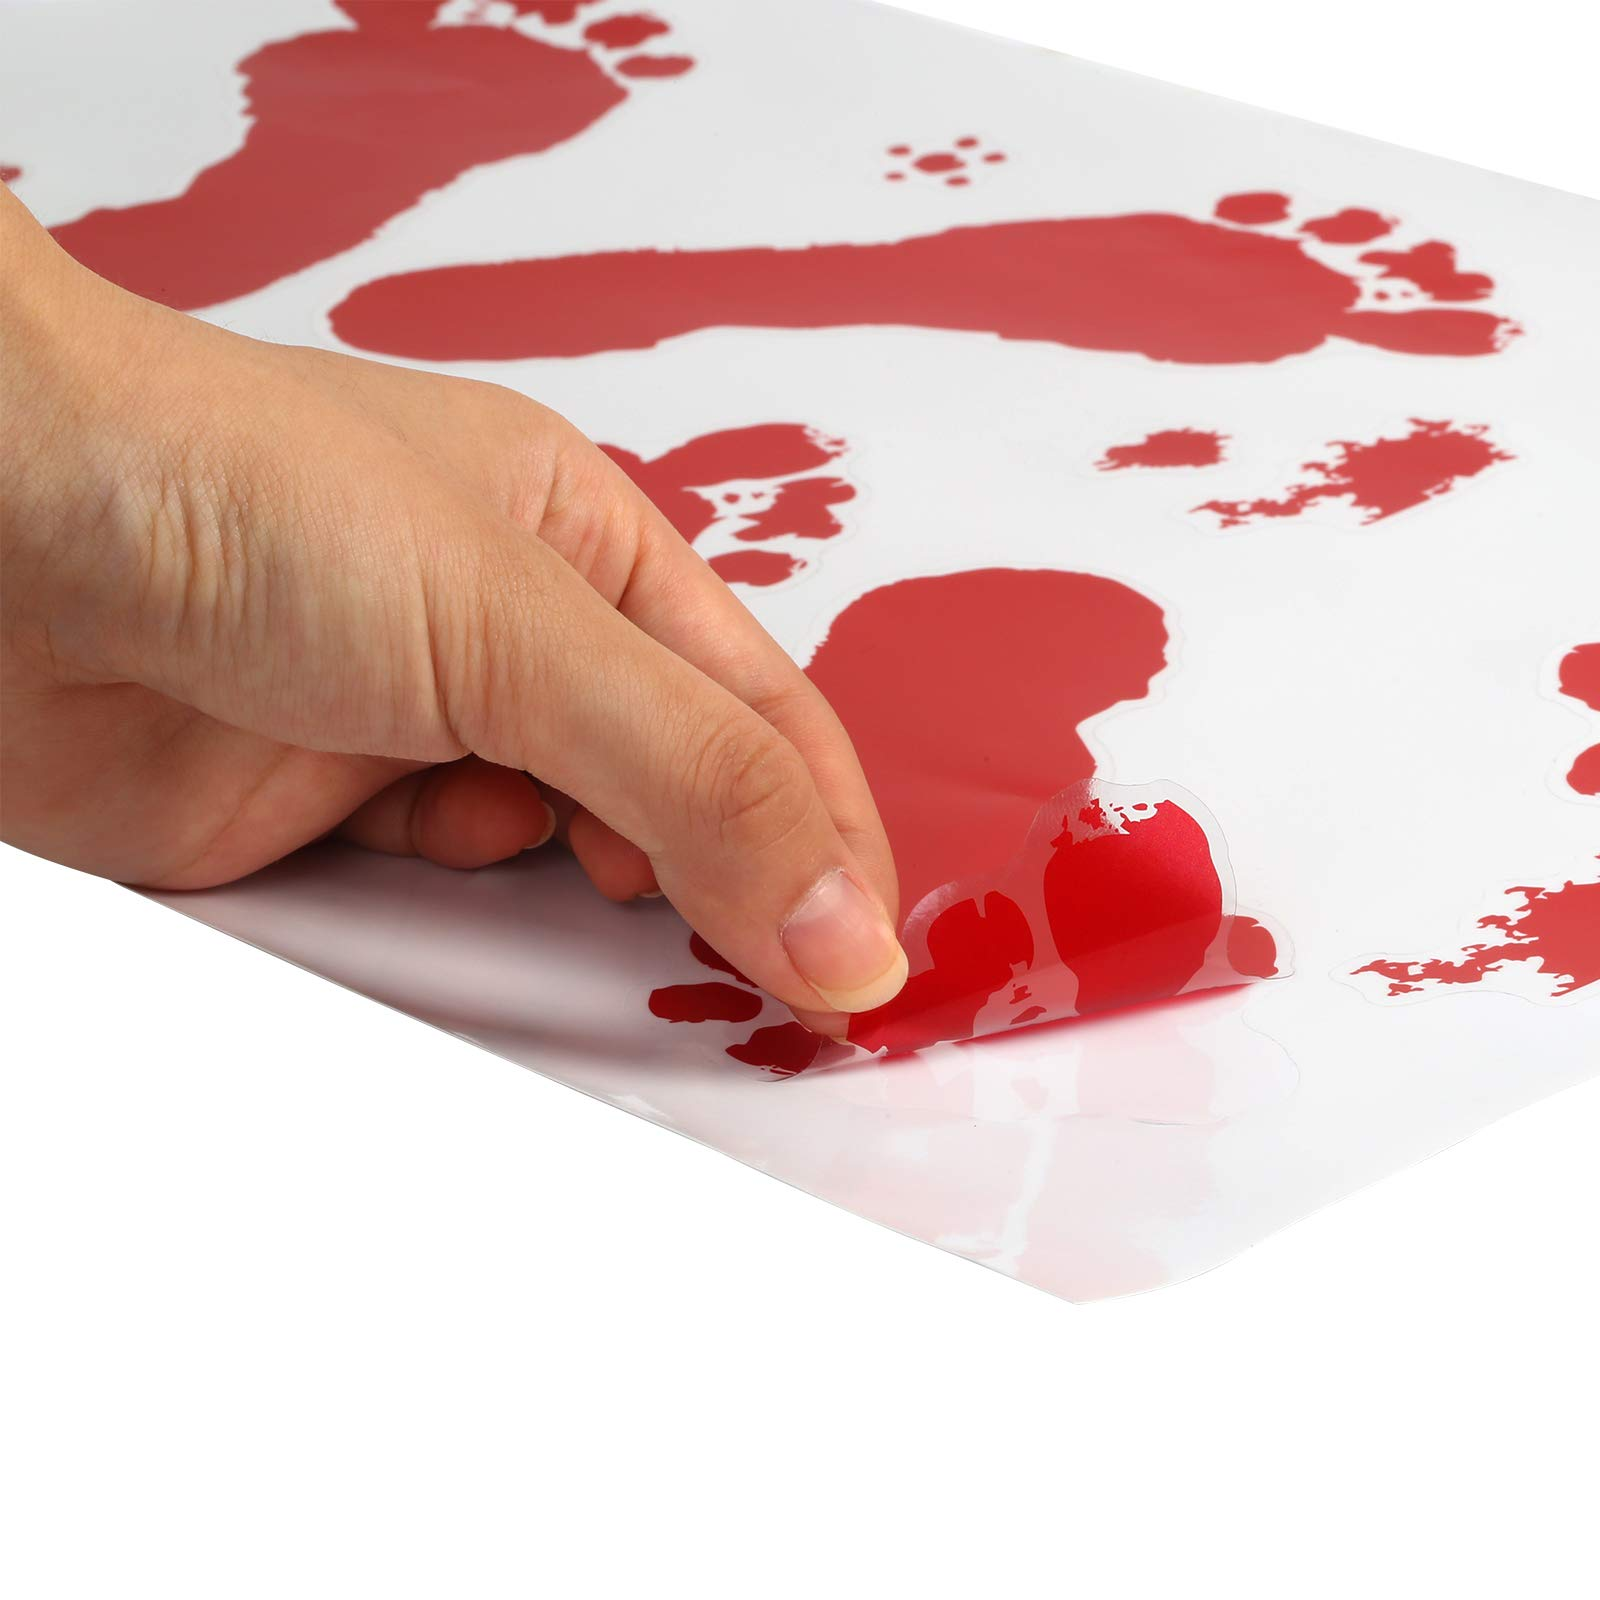 ZERHOK Halloweenparty Blutige Hände Sticker Horror Deko Handabdruck Schaurig Fußabdruck für Fenster Tür Wand Spiegel Badewanne (6 Paket)